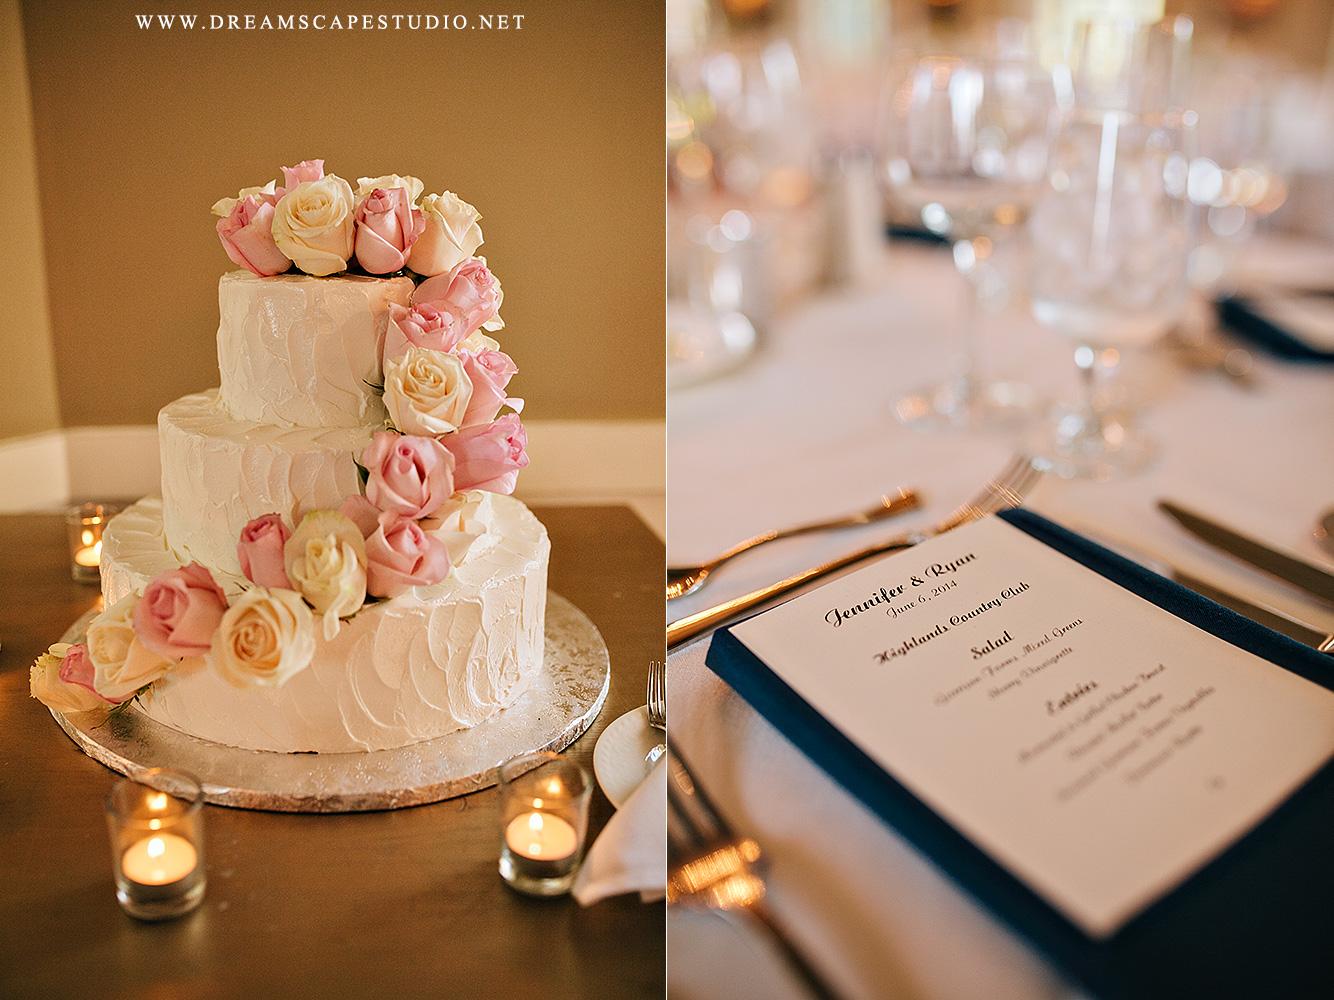 NY_Wedding_Photographer_JeRy_44.jpg